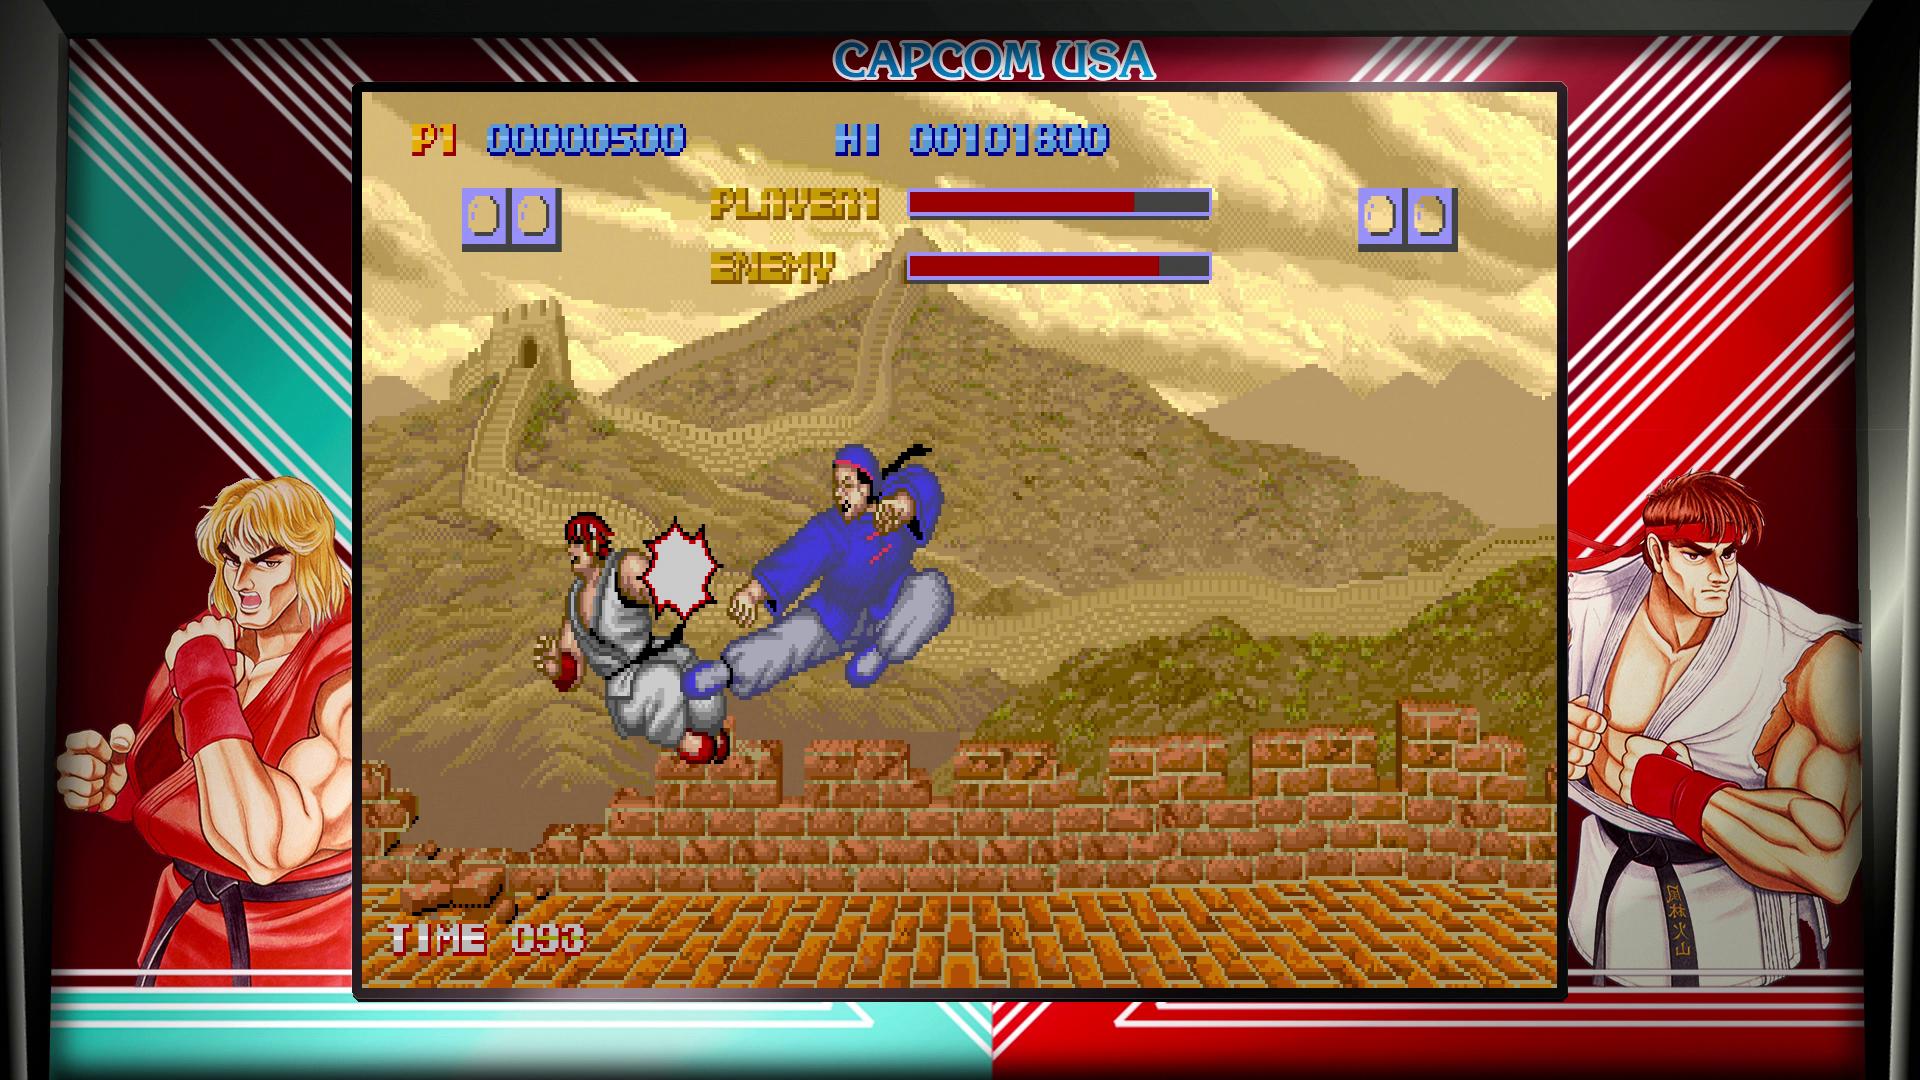 街头霸王30周年纪念合集(Street Fighter 30th Anniversary Collection)免安装中文绿色版|DLC|升级档|网盘下载